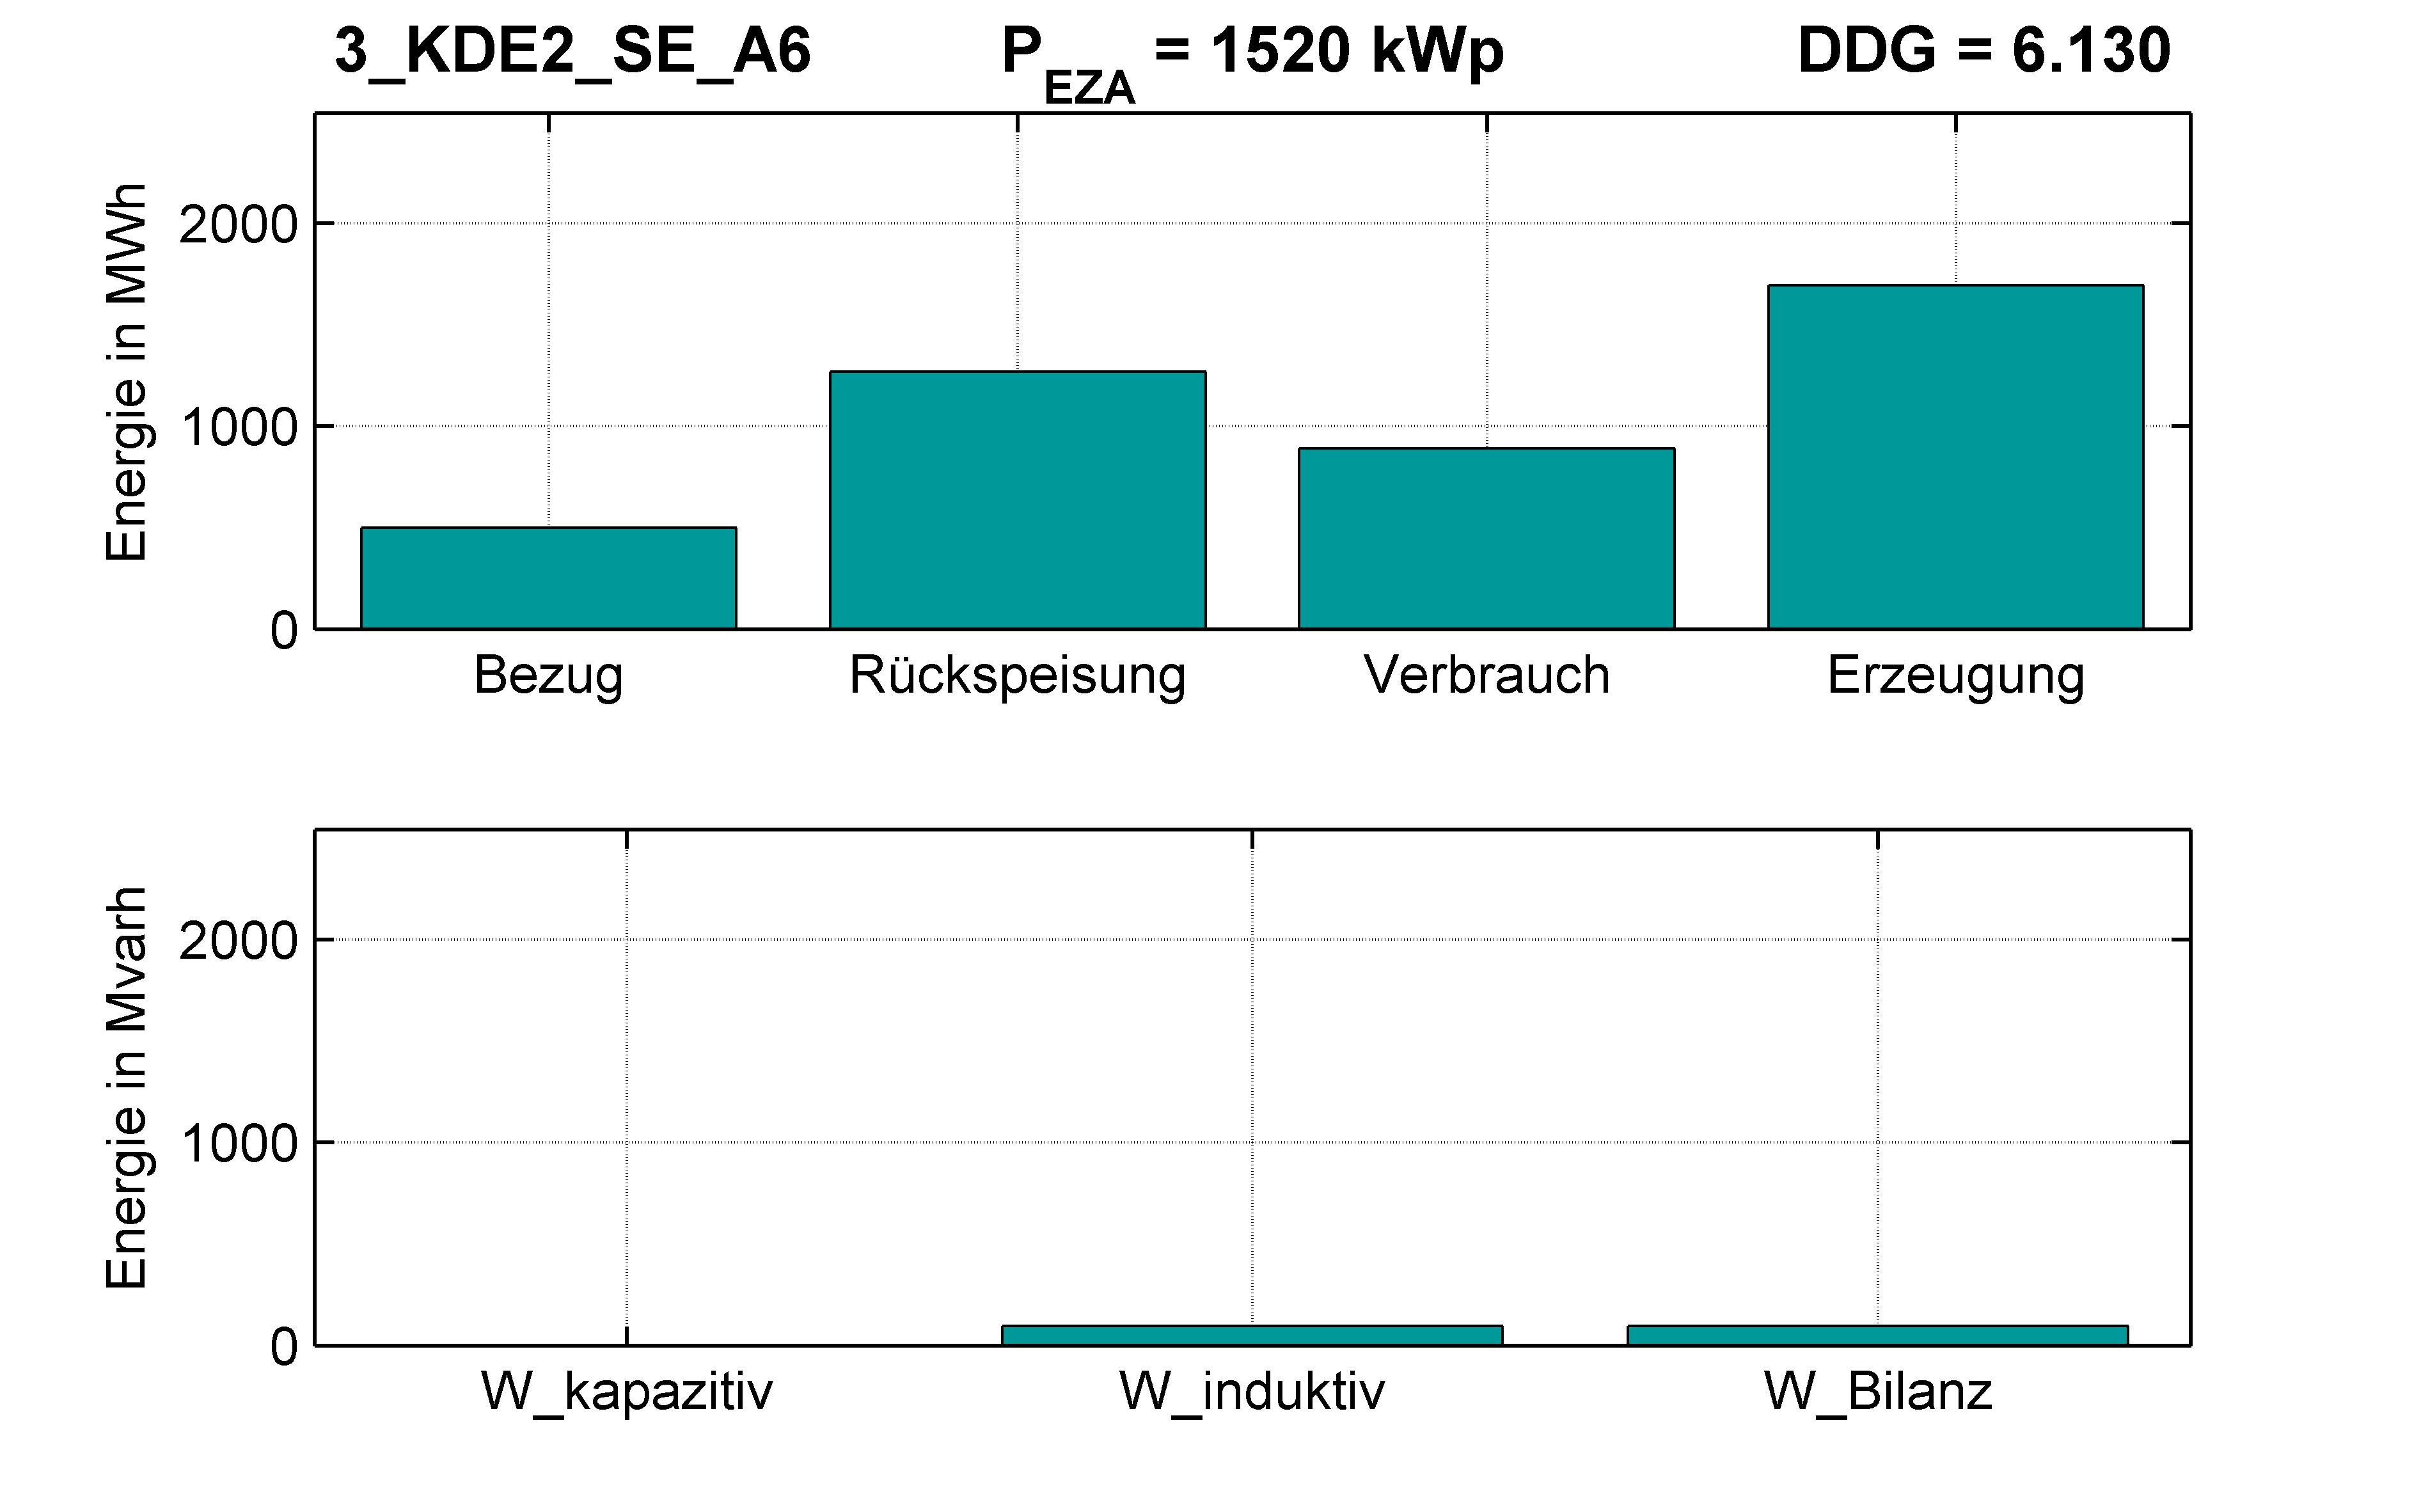 KDE2 | P-Kappung 70% (SE) A6 | PQ-Bilanz